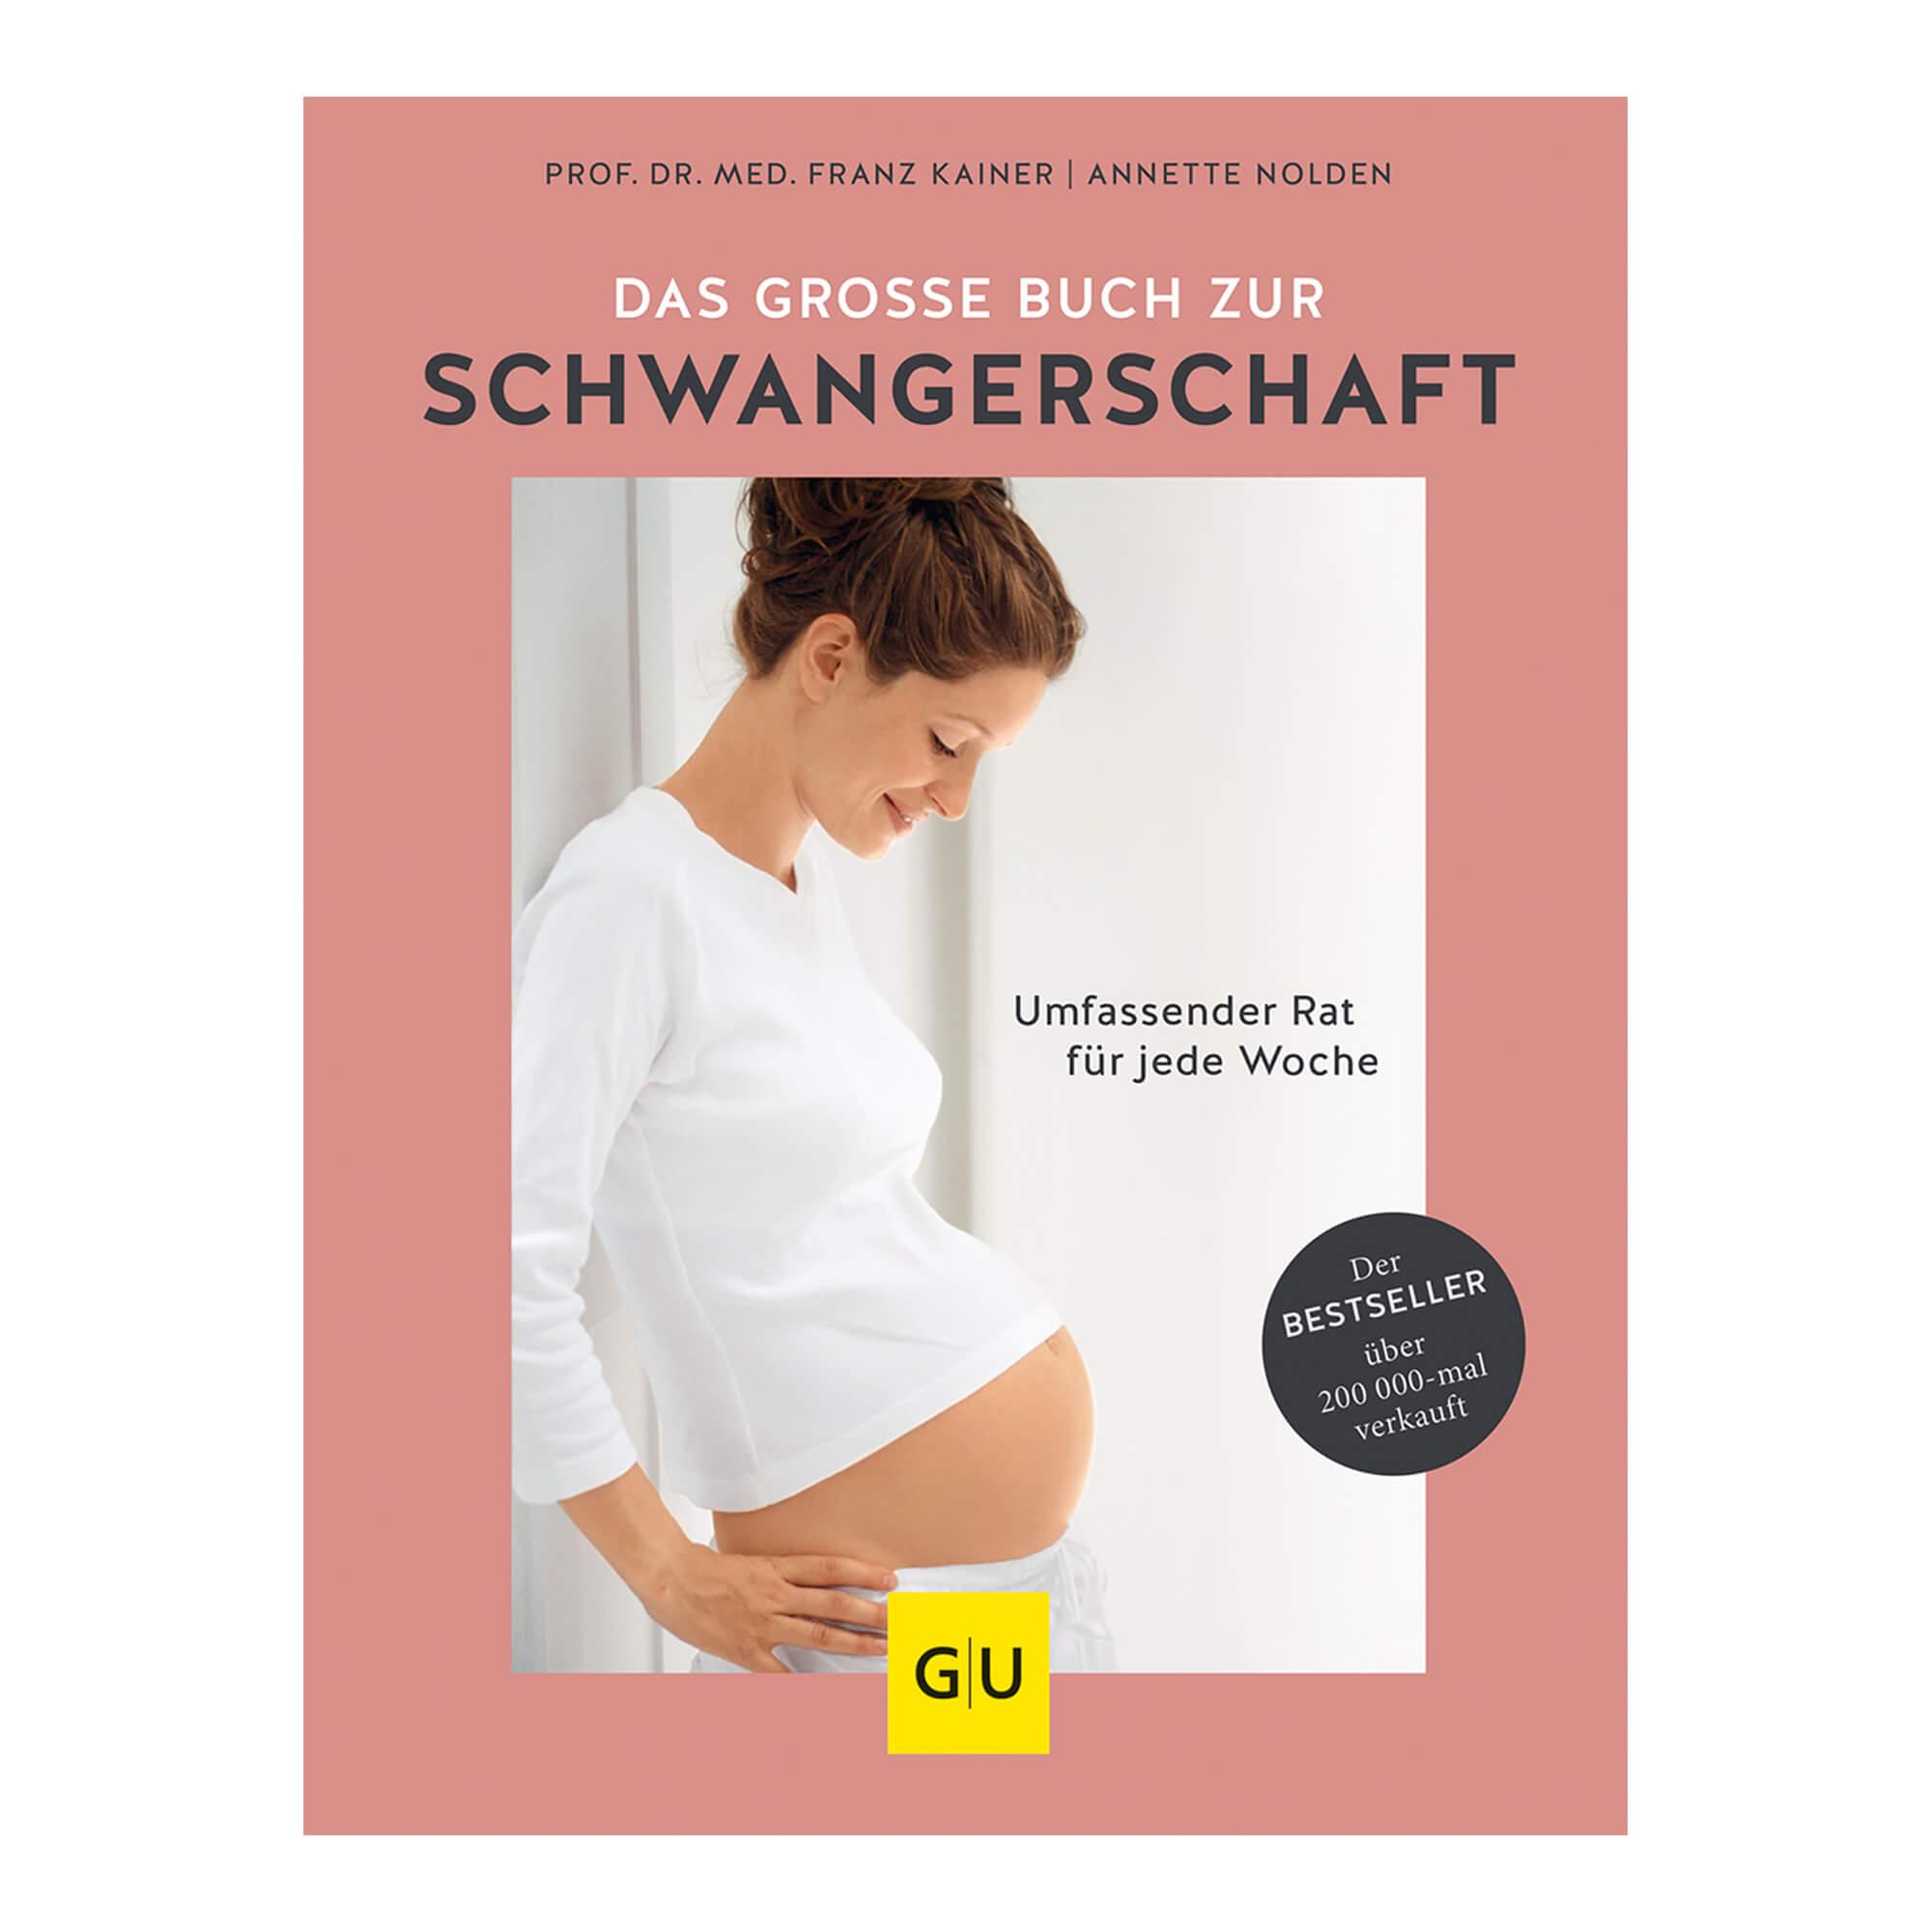 GU Das große Buch zur Schwangerschaft